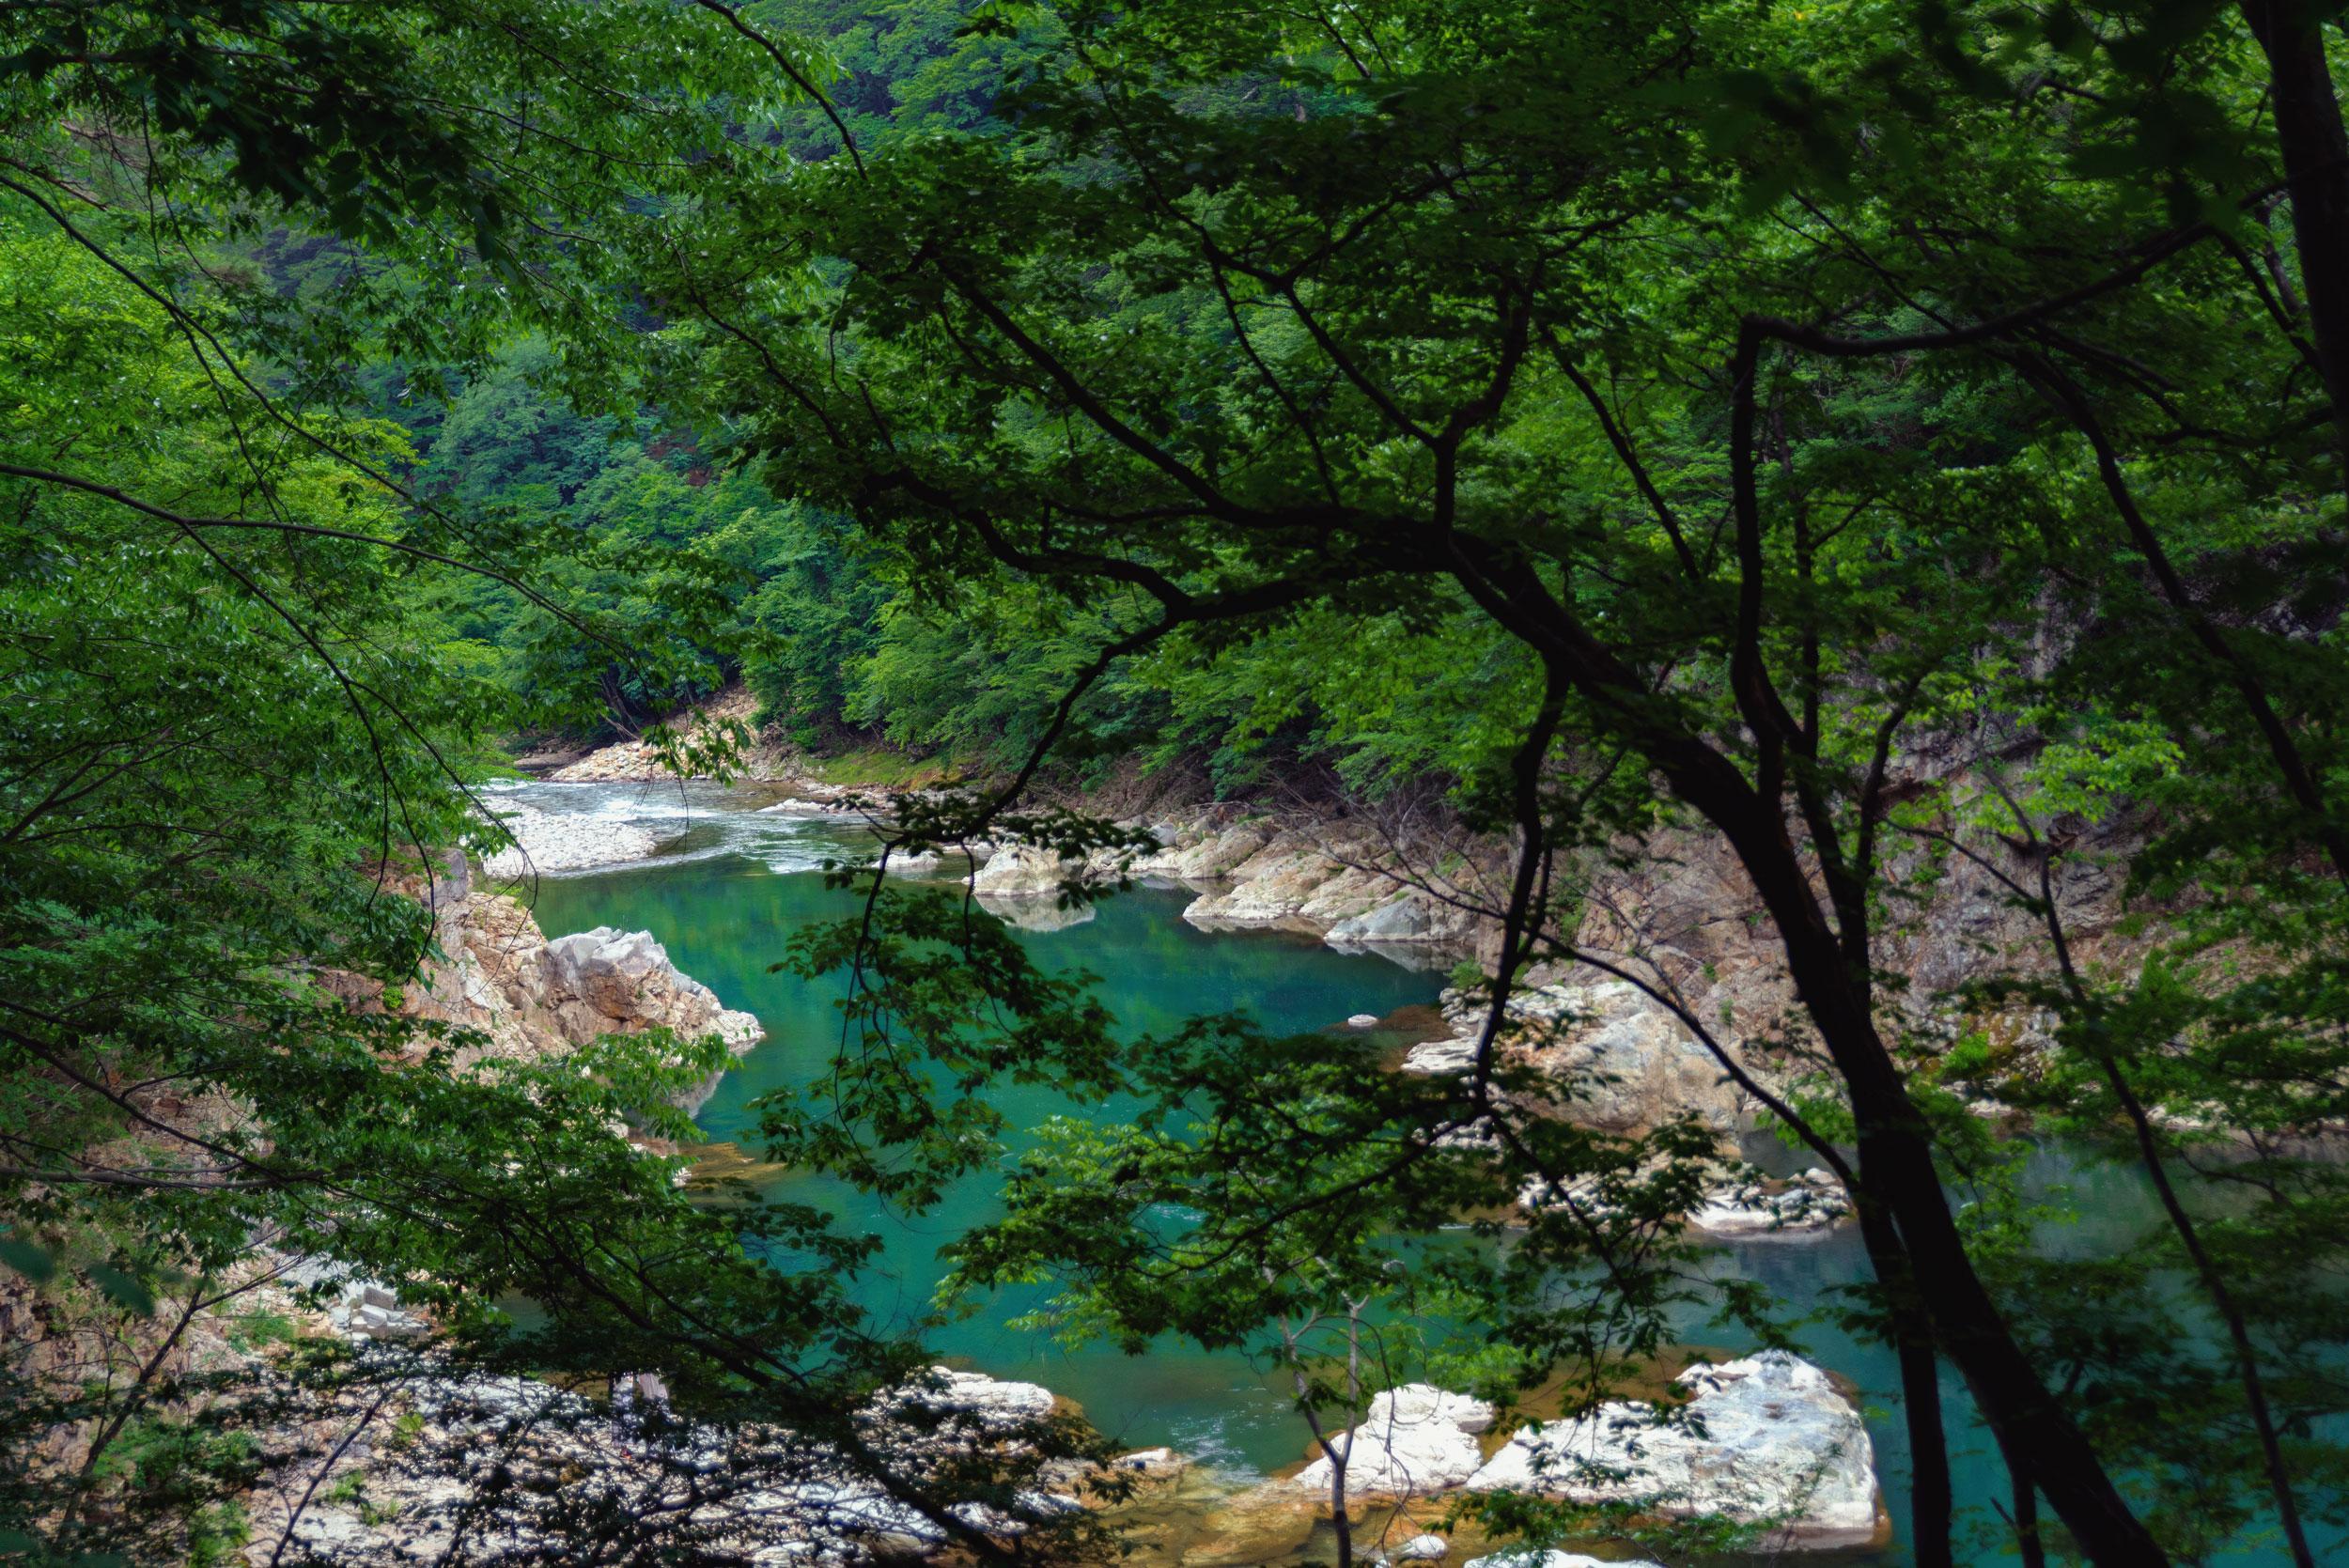 The Kinugawa River near Hoshino Resorts KAI Kawaji